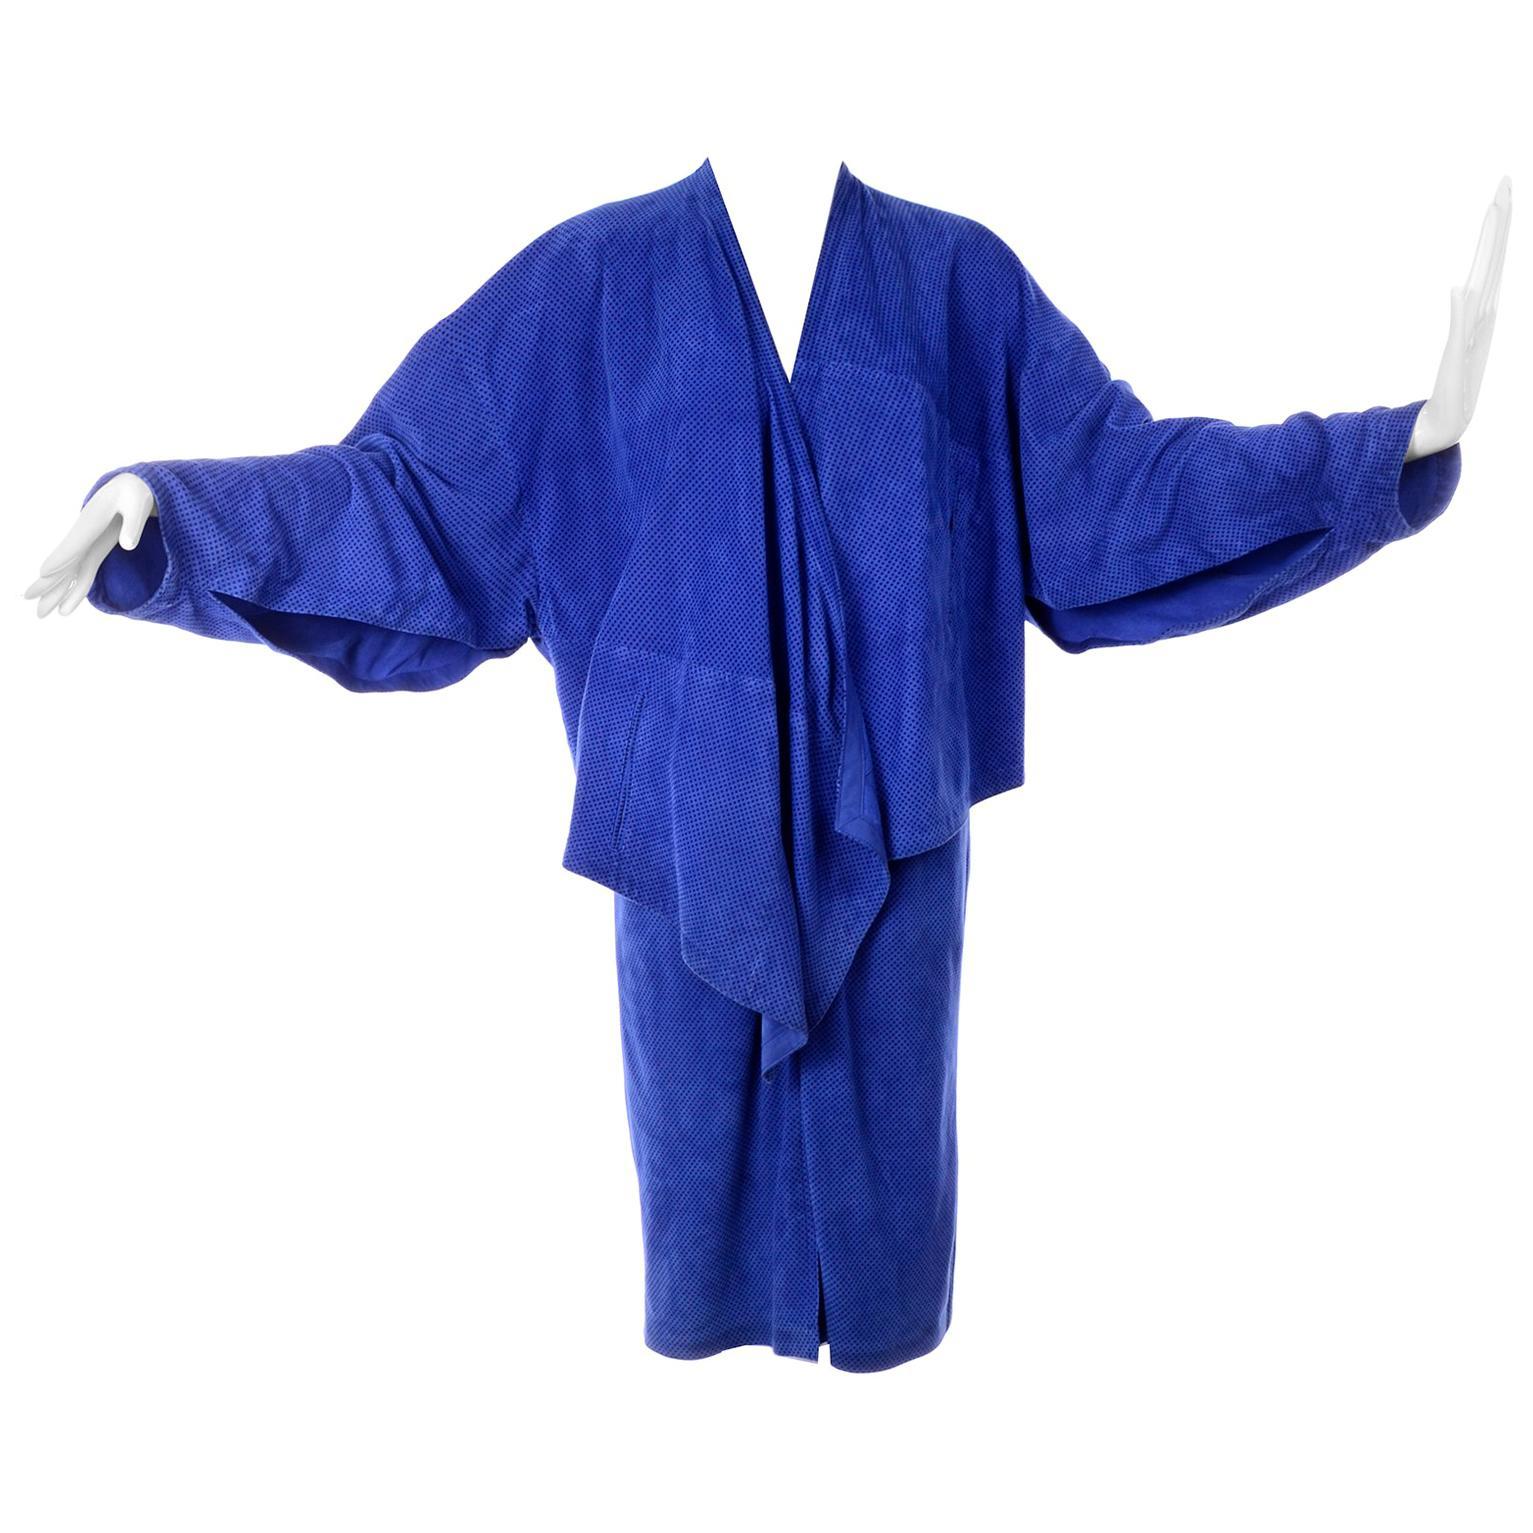 Escada 1980's Blue Suede Asymmetrical Jacket W/ Slits & Skirt  by Margartha Ley